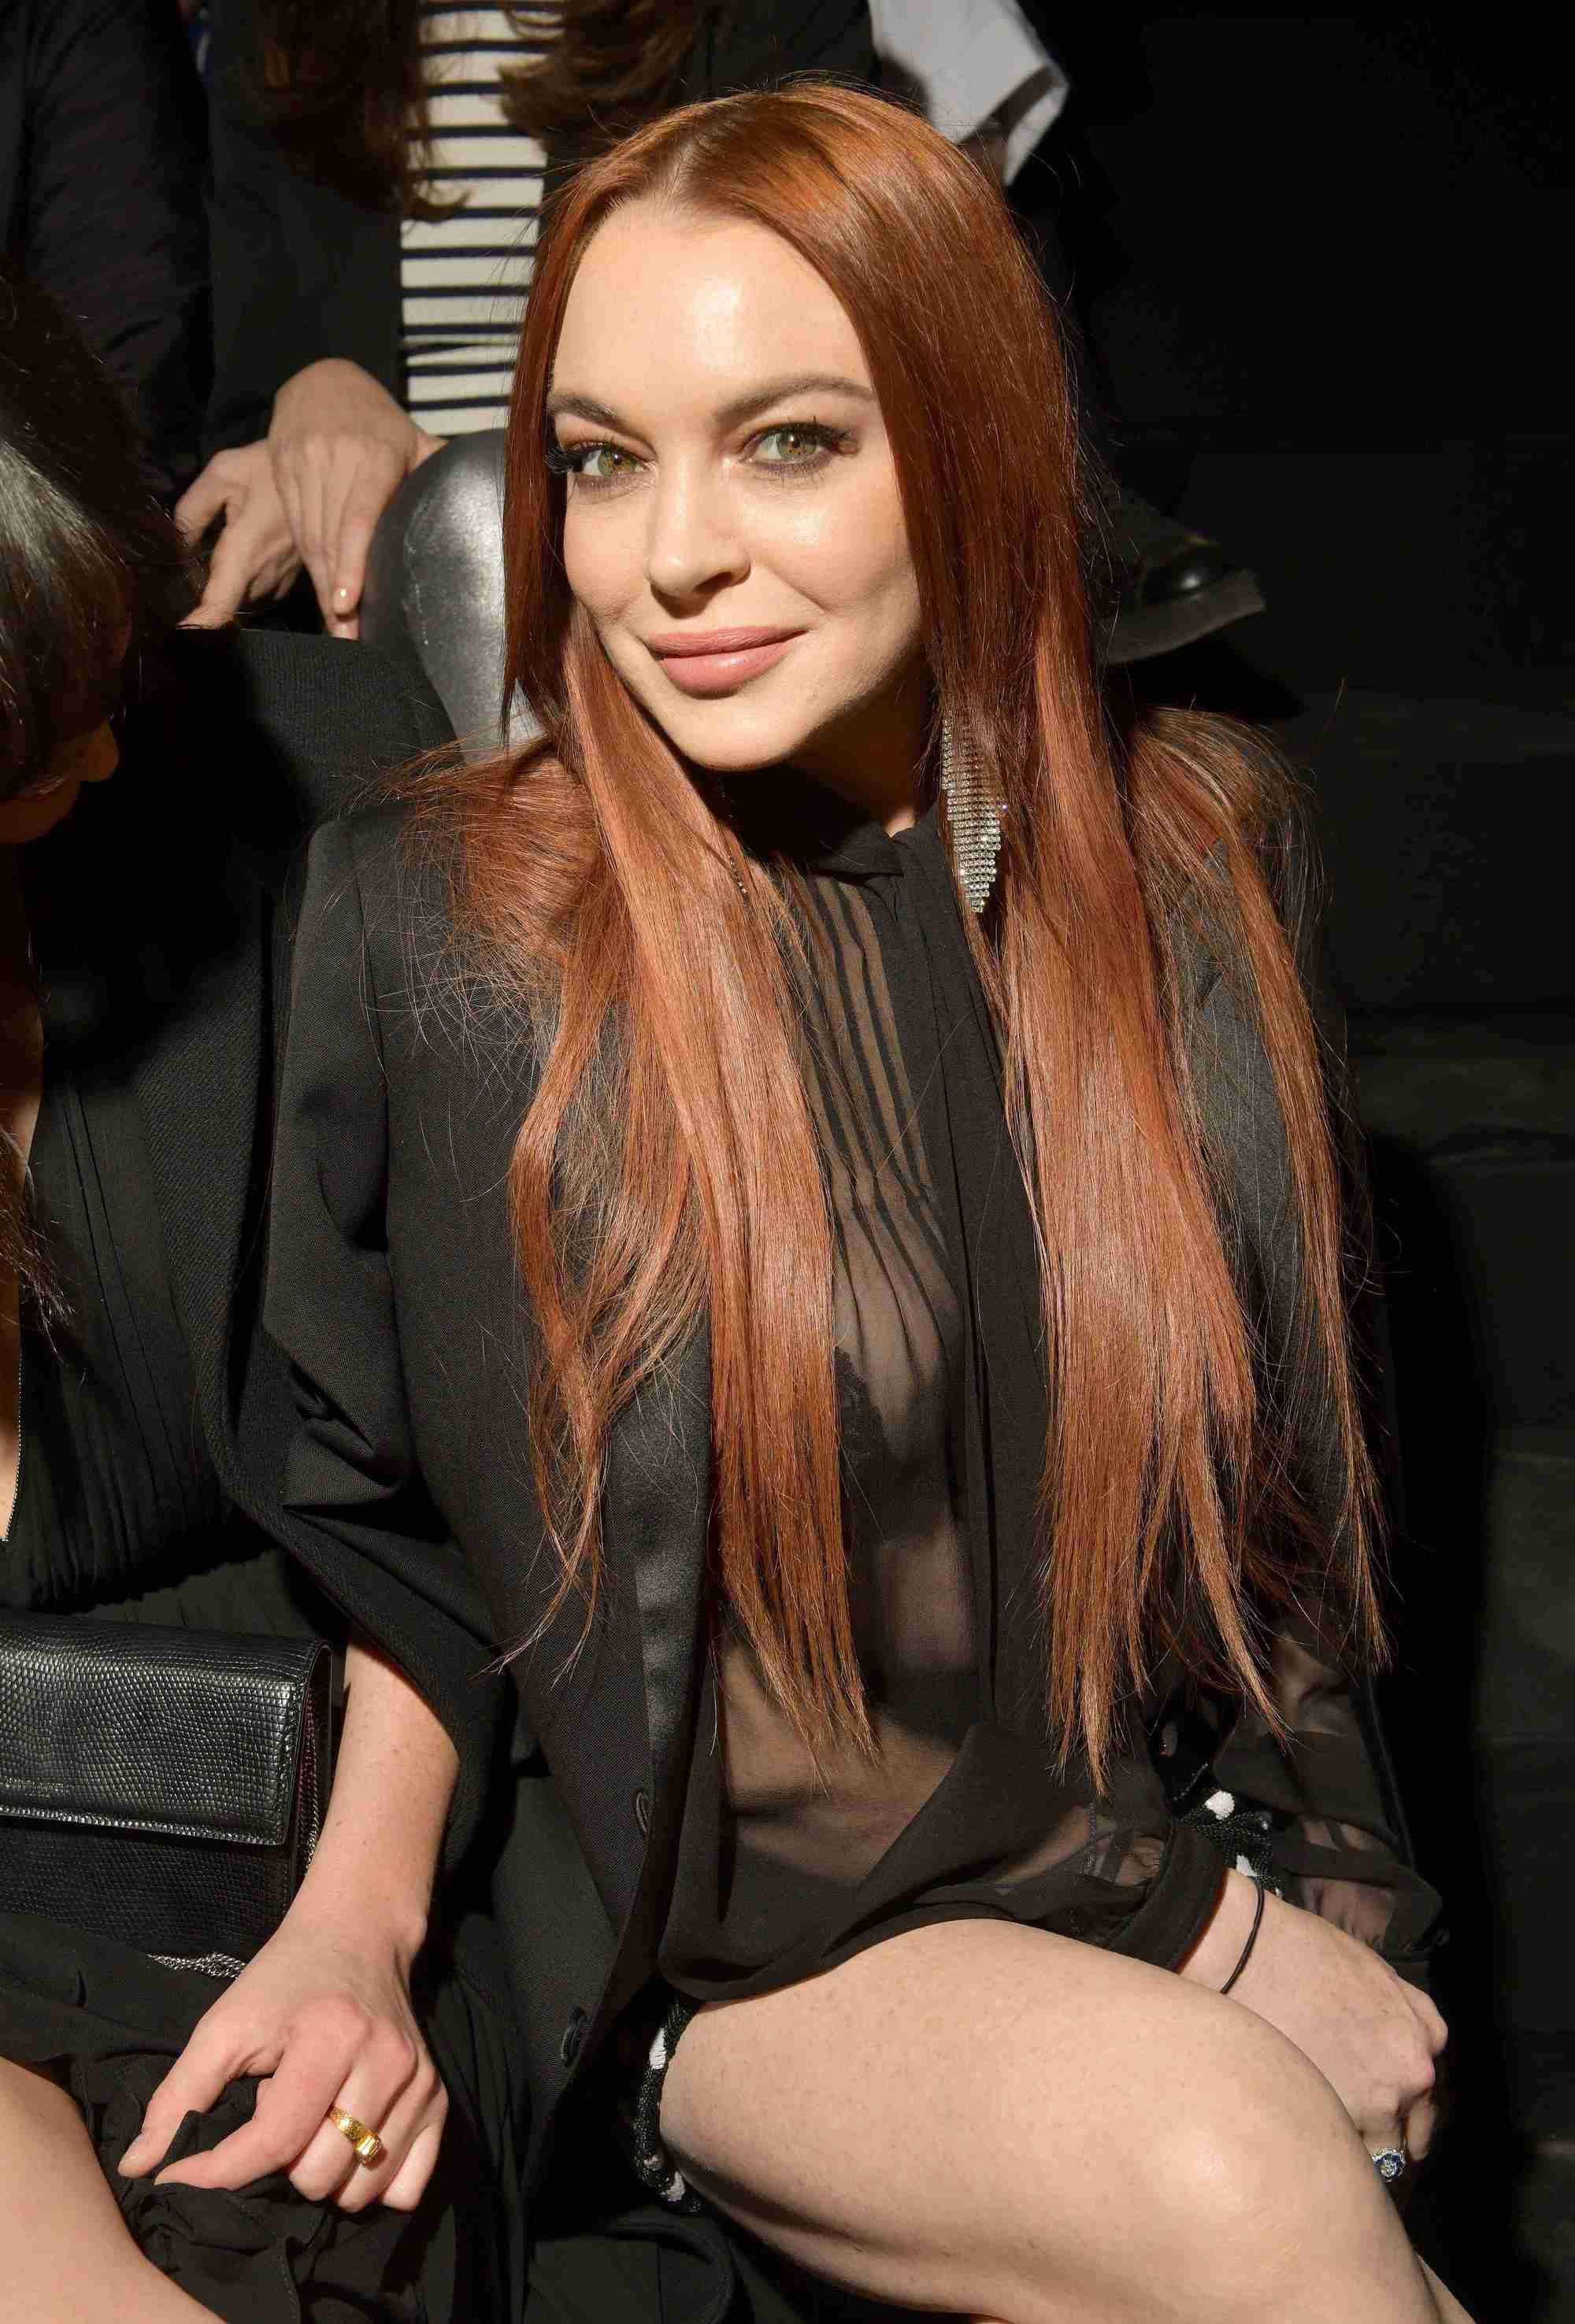 Les rousses célèbres : Lindsay Lohan avec de longs cheveux roux foncés raides, portant une tenue toute noire.